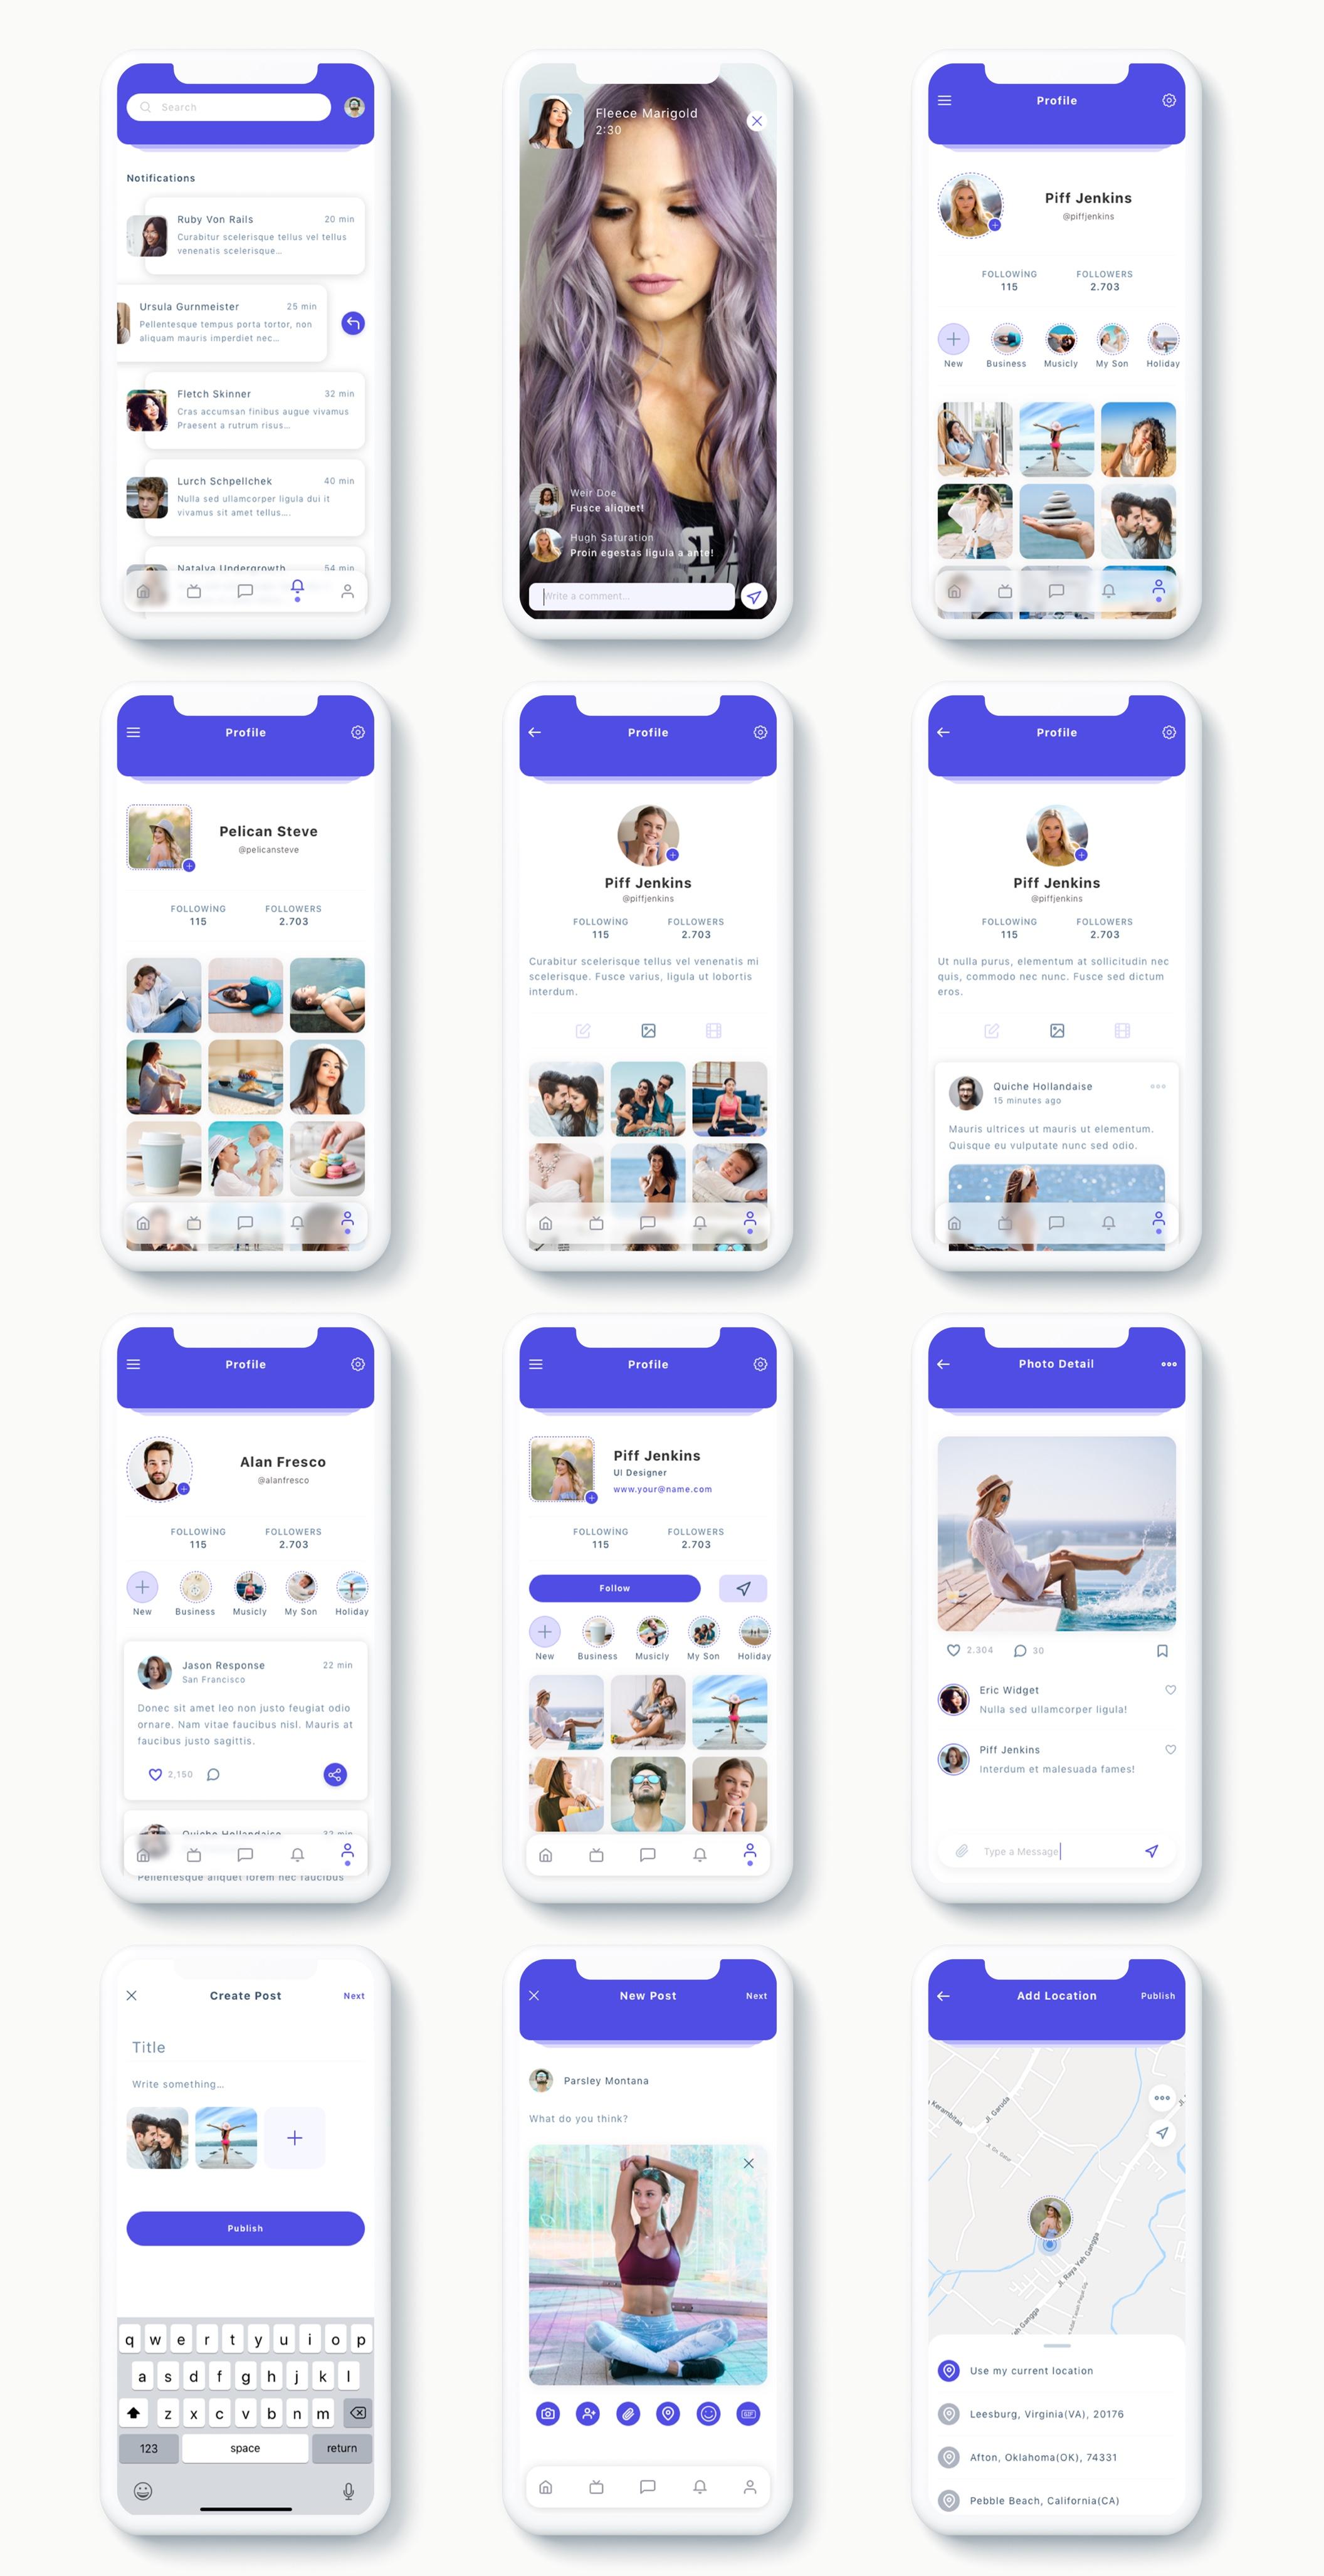 交友社交APP应用界面社交UI套件 Susen – Social Network App UI Kit插图(9)